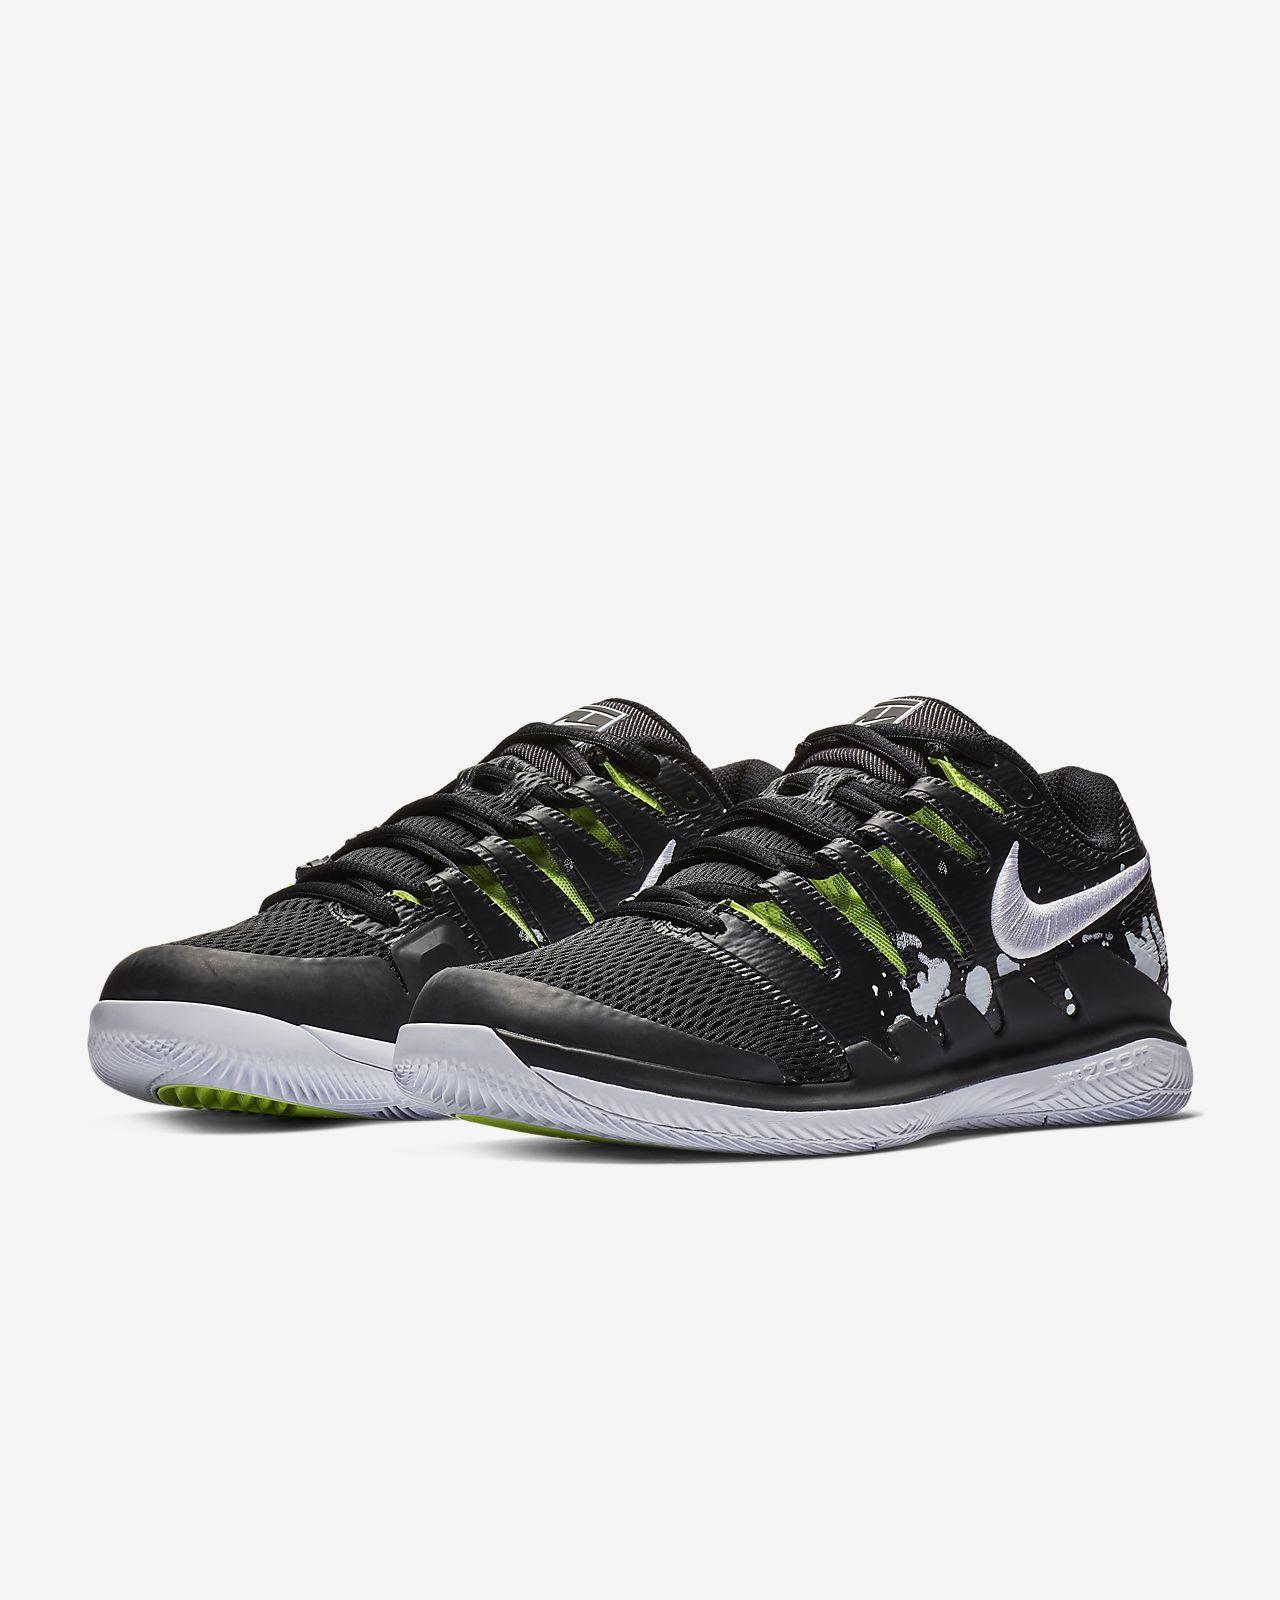 0825d507d7a1 NikeCourt Air Zoom Vapor X Premium Hard-Court Men s Tennis Shoe ...